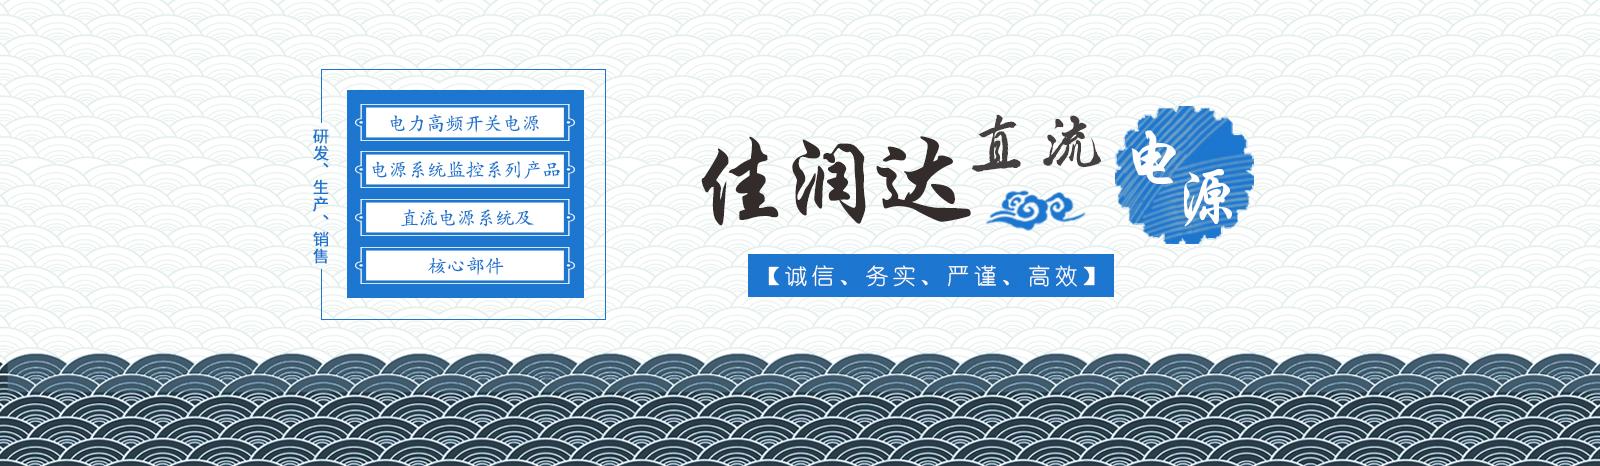 深圳市佳润达科技有限公司